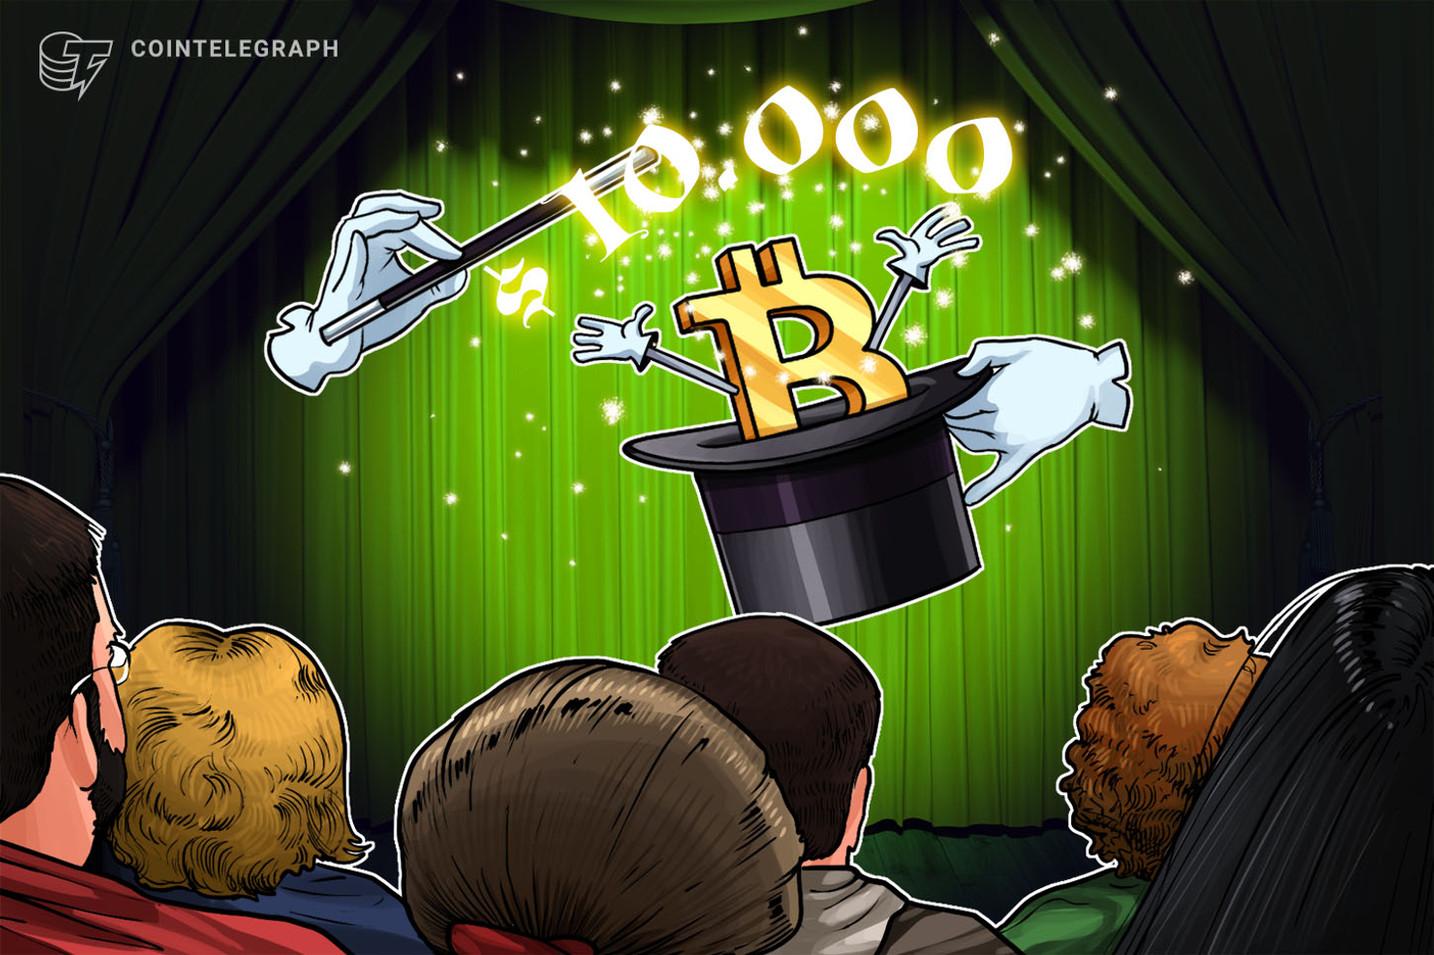 【速報】仮想通貨ビットコイン、ついに1万ドル突破|XRP、ETHも連れ高